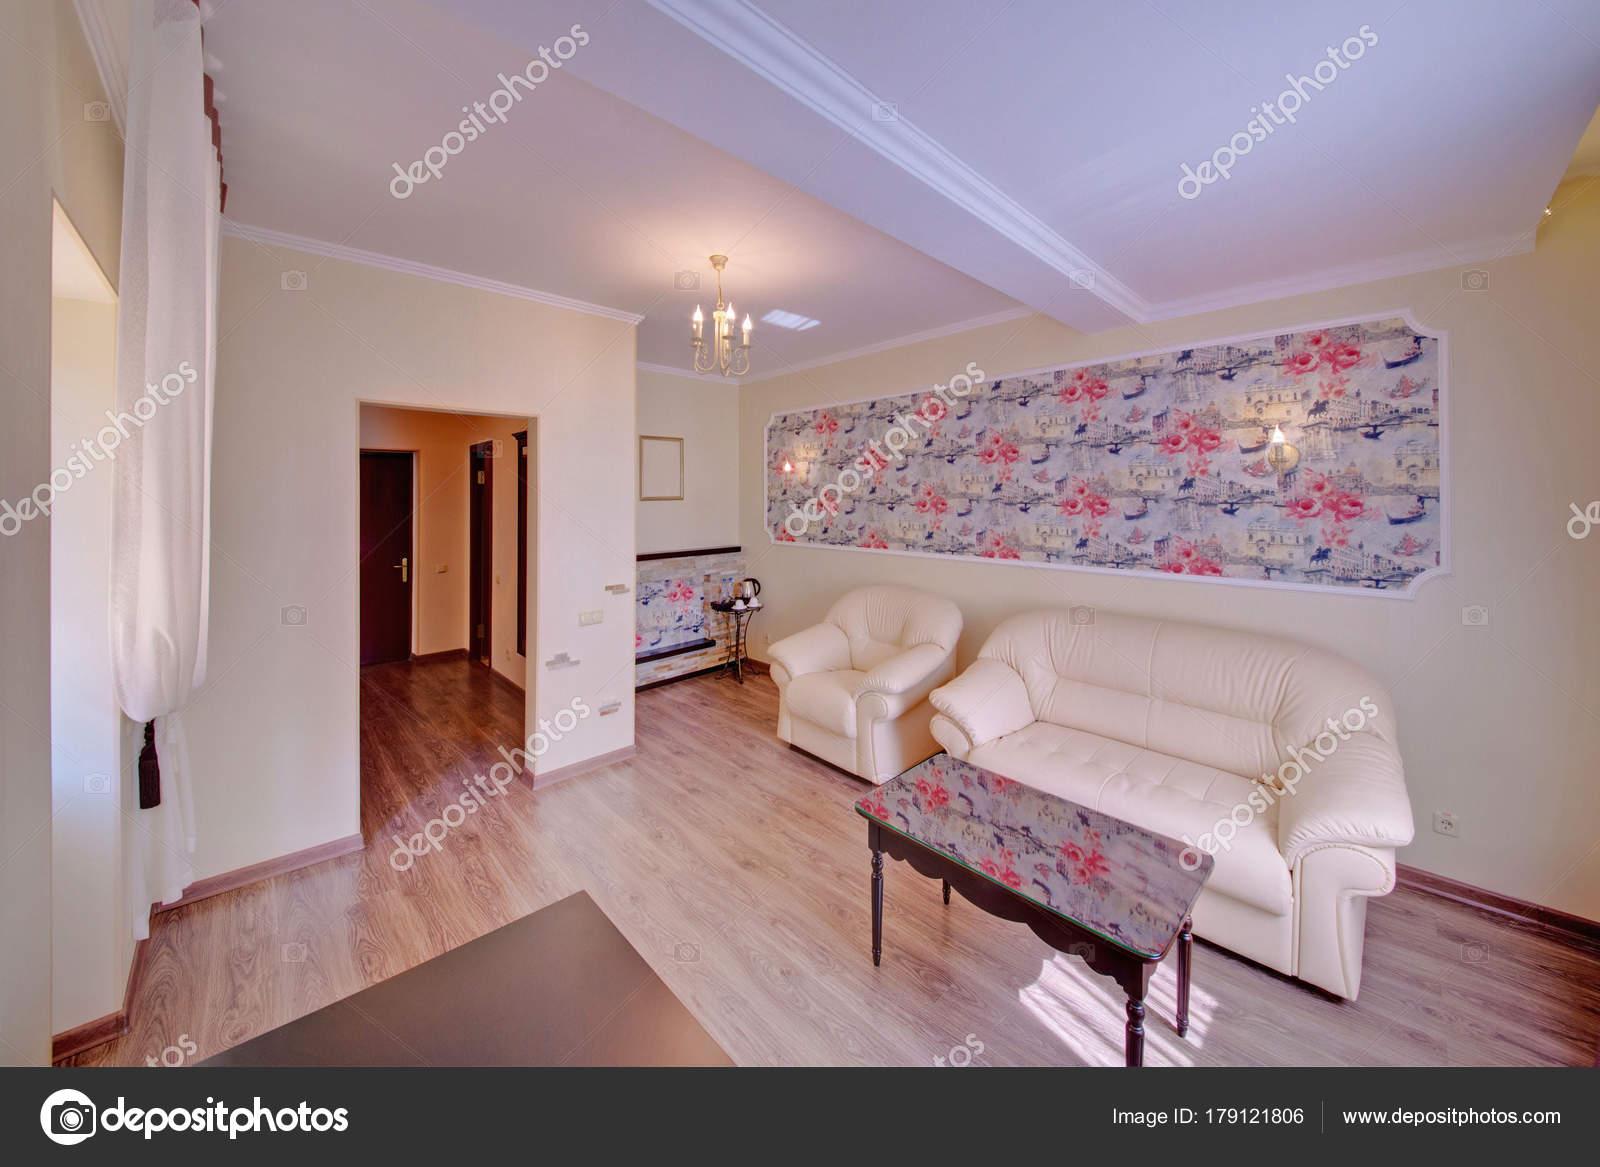 Weiße Polstermöbel Einem Hellen Interieur Ein Salon Mit Einer Bunten